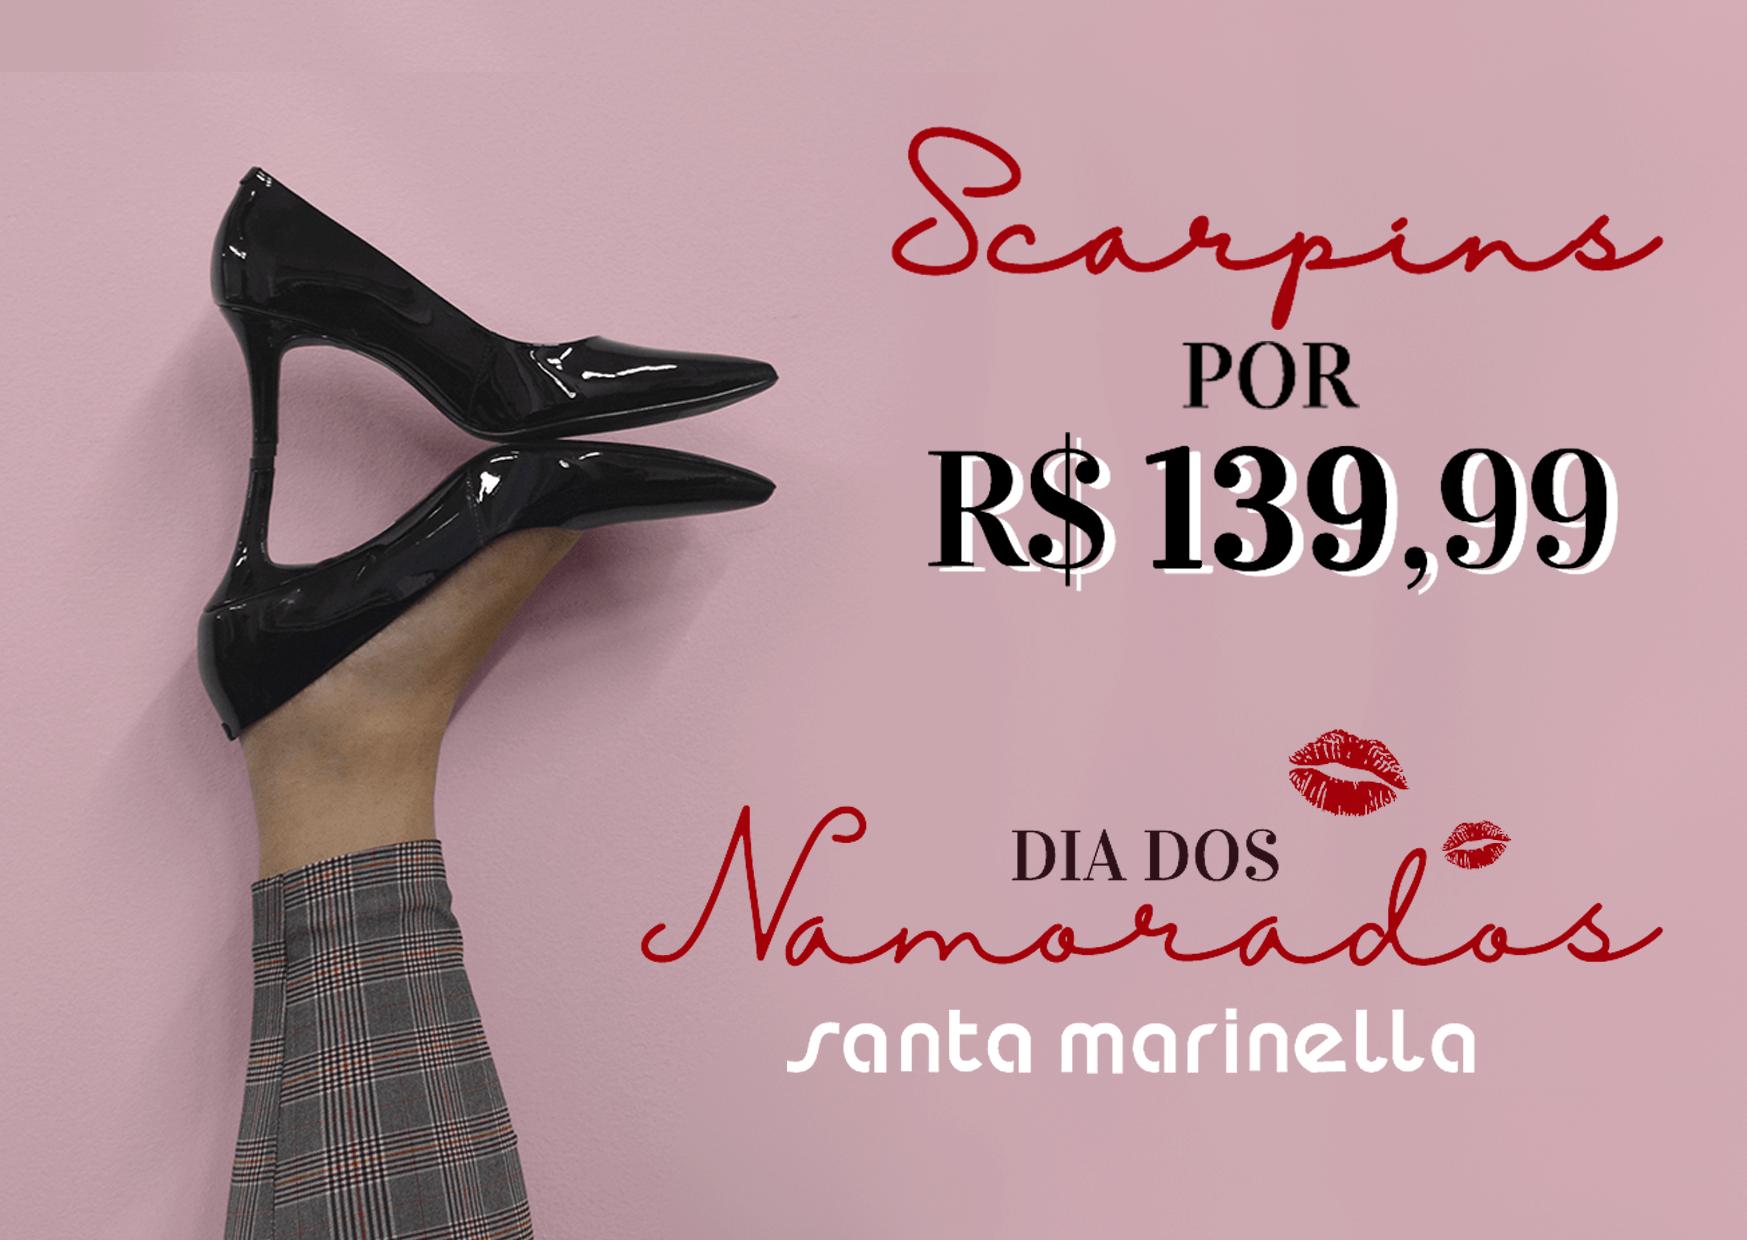 Scarpins por até R$139,99! Aproveite o Desconto! Dia dos Namorados!